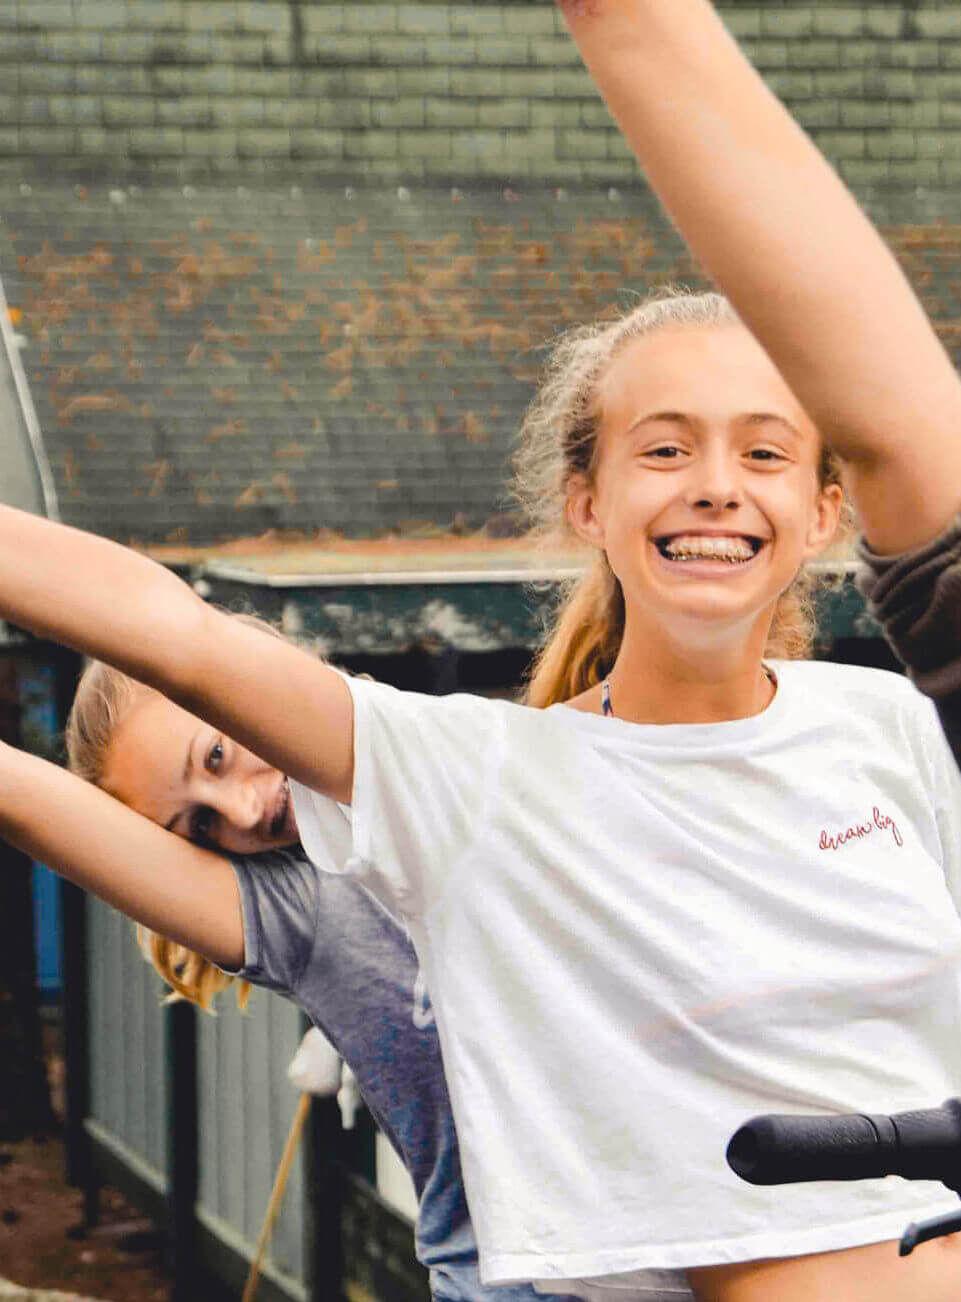 Zwei jugendliche Mädchen stehen hintereinander und strecken lachend die Arme in die Luft. Beide strahlen vor Freude.